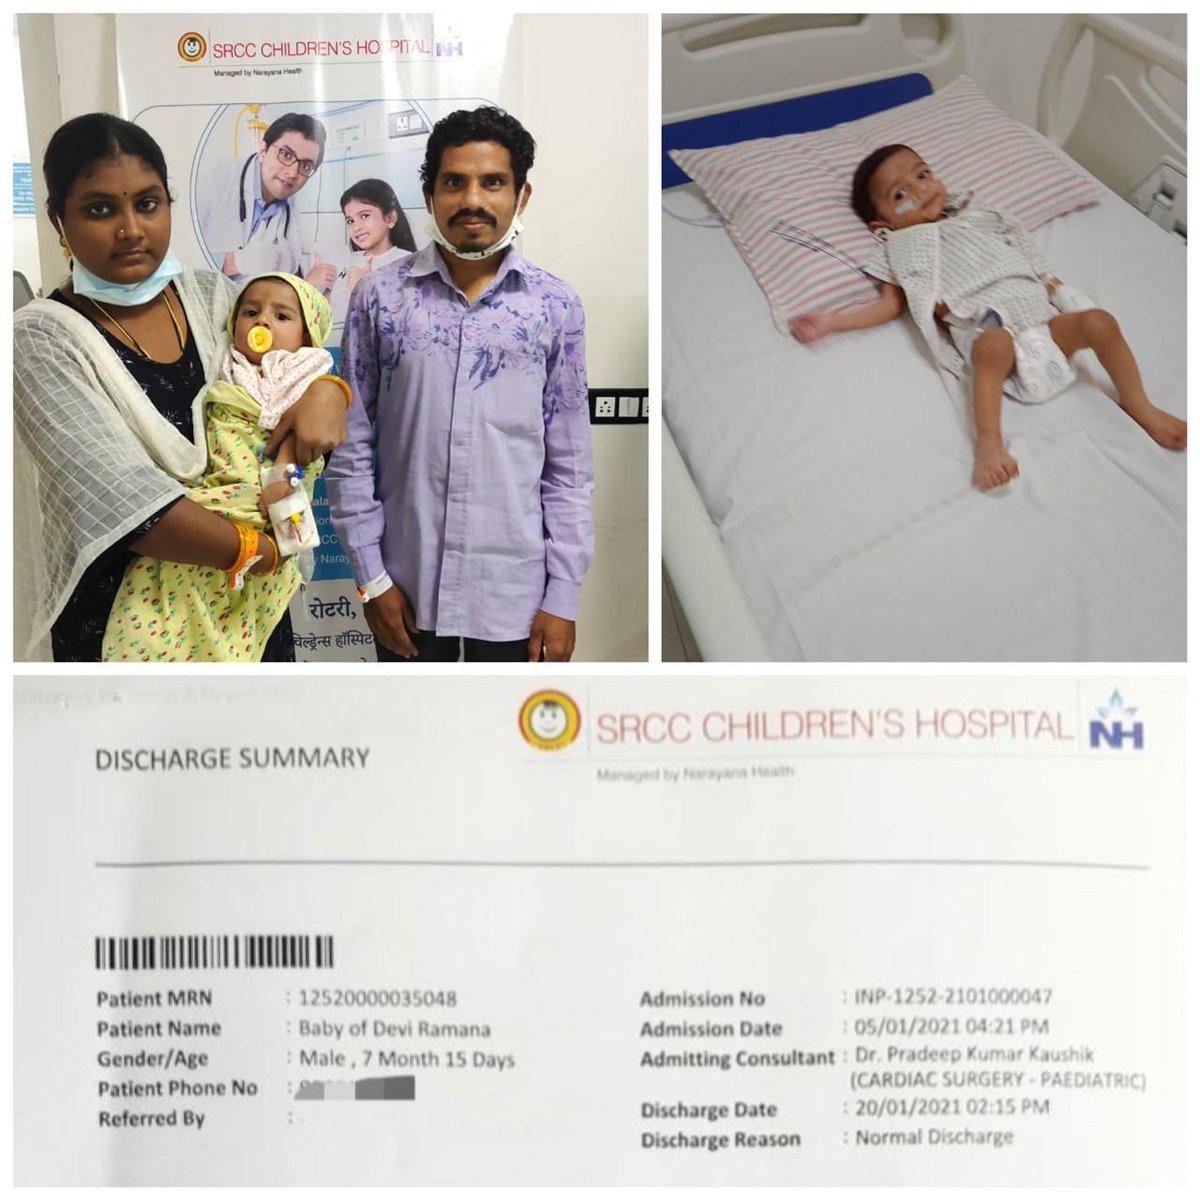 आप हमारे भगवान हो ..अब और क्या कहूँ। आपने मेरे बच्चे की जान बचा ली। धन्यवाद @SonuSood @GovindAgarwal_ https://t.co/e4d1rzJbFP https://t.co/y0HBahwVLb